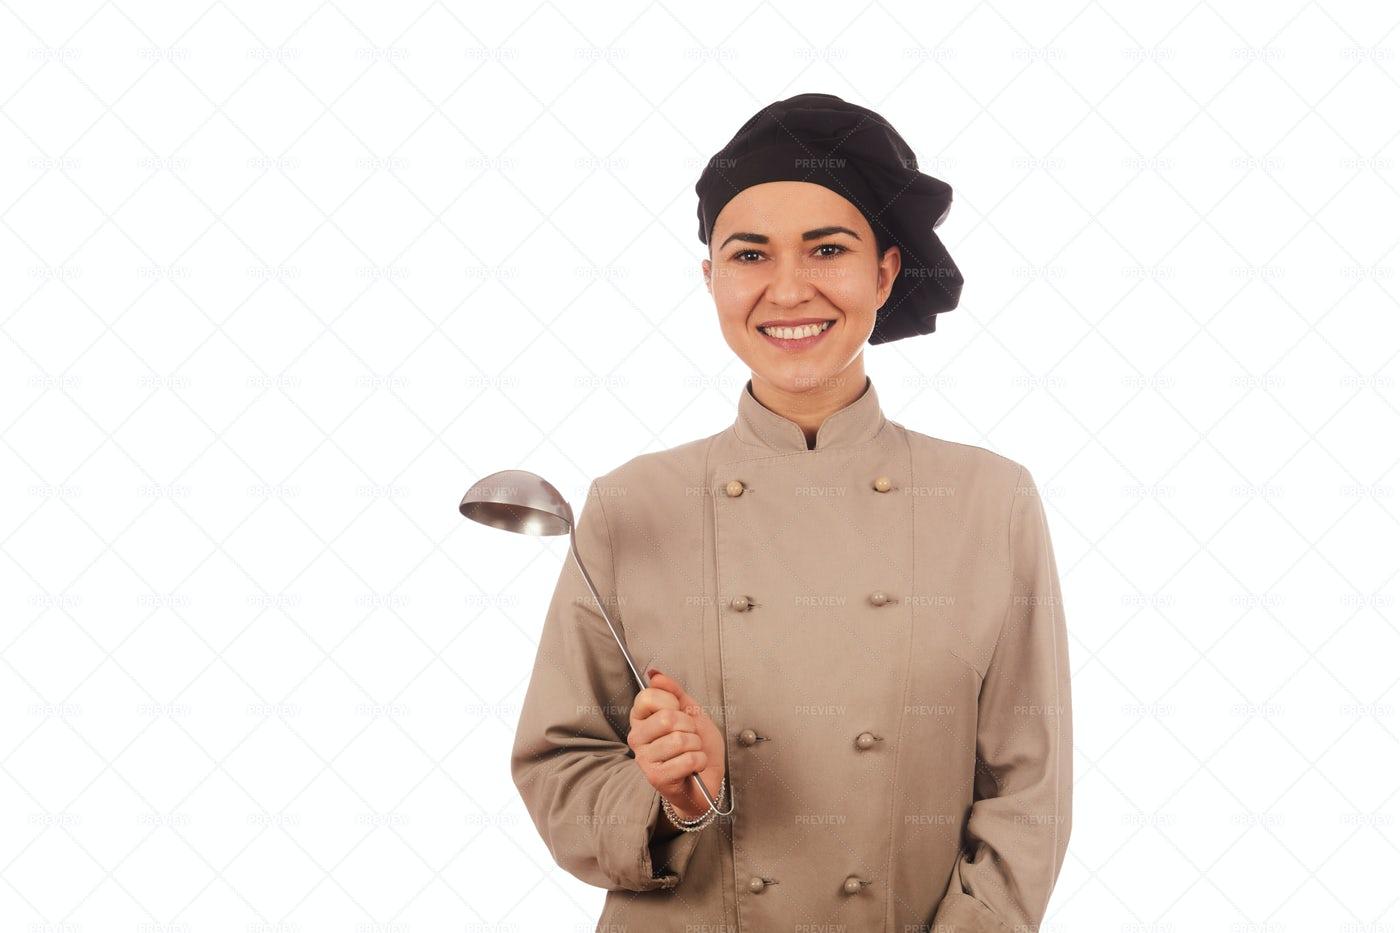 Woman Chef: Stock Photos